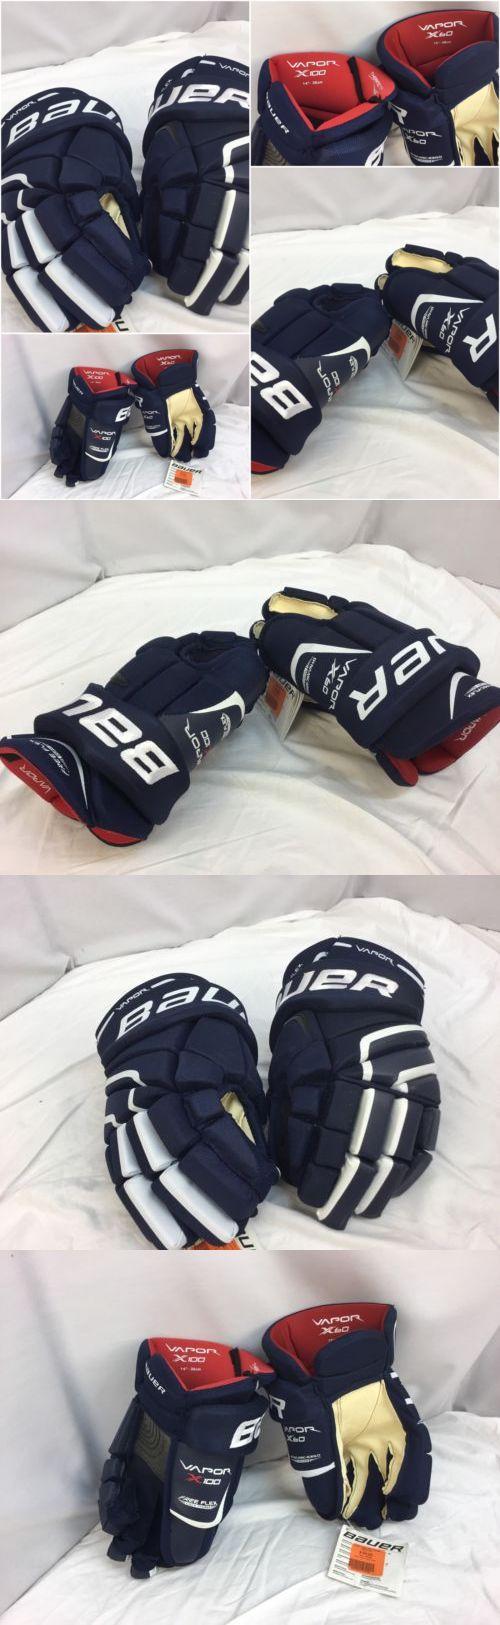 Gloves 20853: Bauer X100 X60 Hockey Gloves Navy Blue 14 15 Mismatch Nwt Ygi Gl1 -> BUY IT NOW ONLY: $30 on eBay!